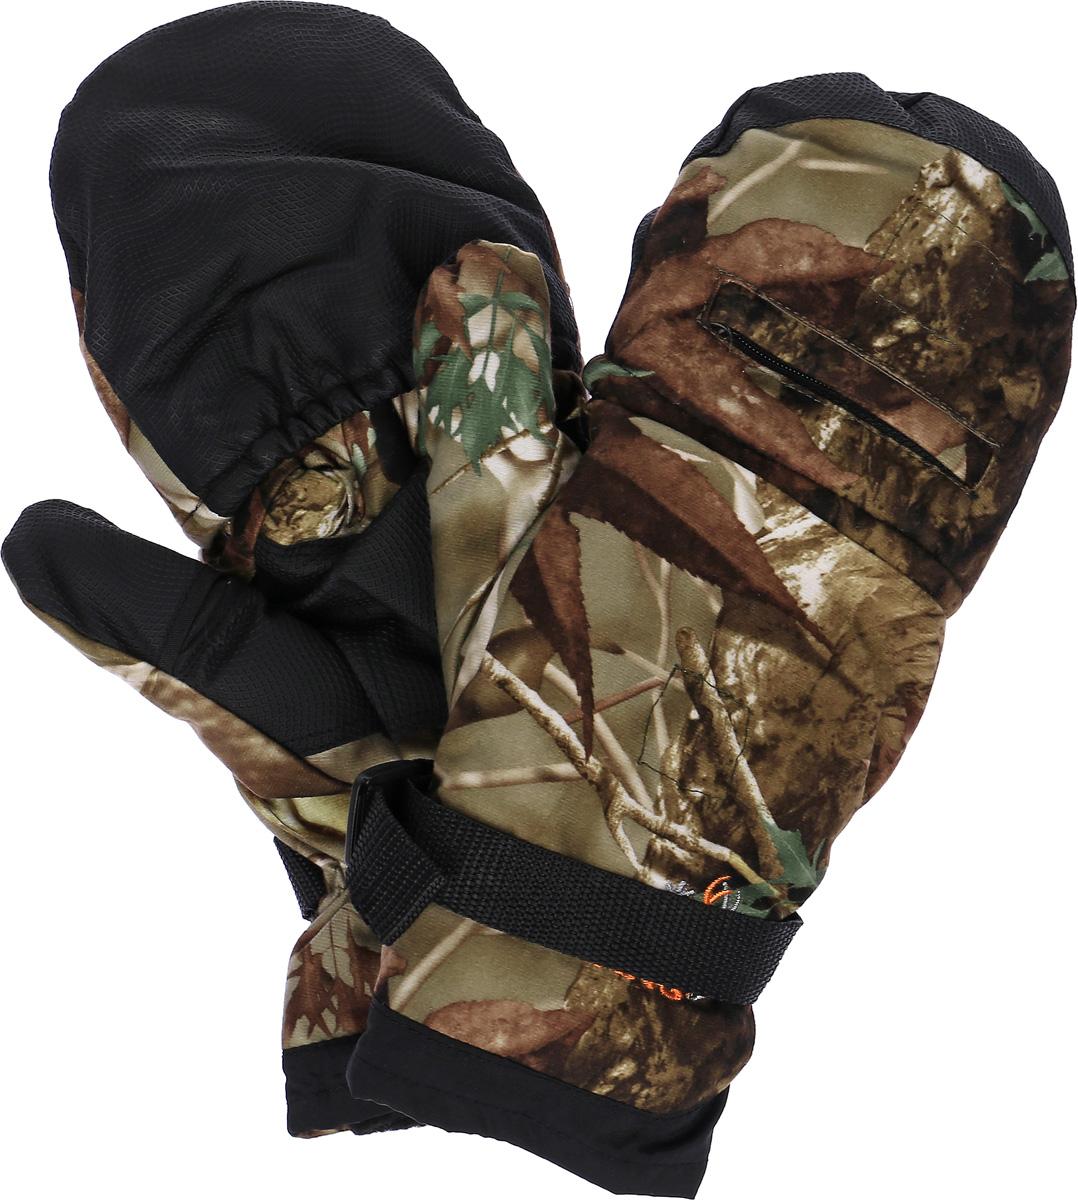 Варежки761-PПерчатки-варежки Norfin защитят ваши руки. Они хорошо сохраняют тепло, мягкие, идеально сидят на руке. Перчатки-варежки в области ладони и с внутренней стороны большого пальца выполнены из водоотталкивающего материала, внутри выполнены из флиса. Изделие представляет собой перчатки без пальцев, к внешней стороне которых крепится капюшон, накинув его на пальцы, перчатки превращаются в варежки. На запястье имеется эластичная вставка.